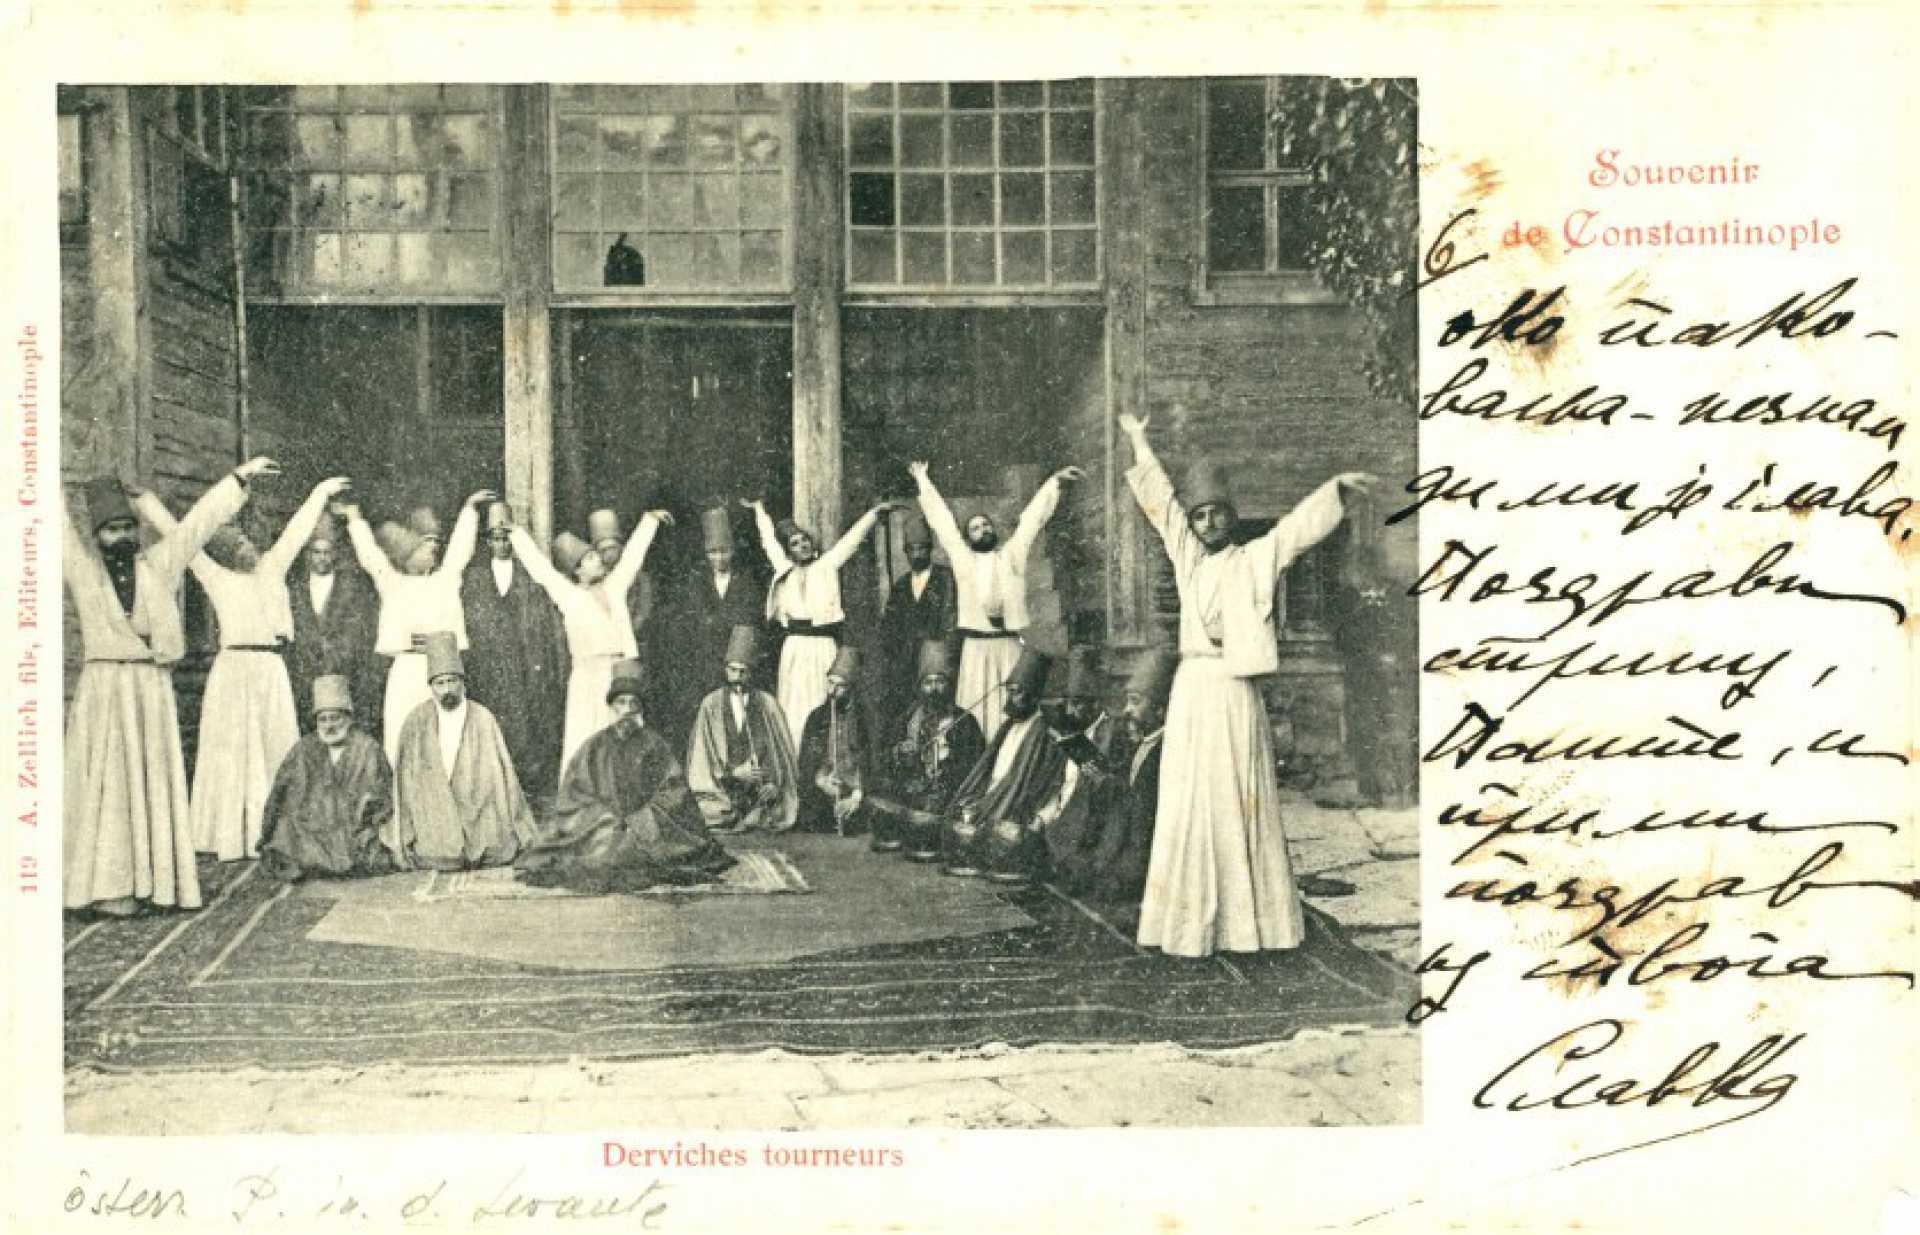 Souvenir de Constantinople. Derviches tourneurs